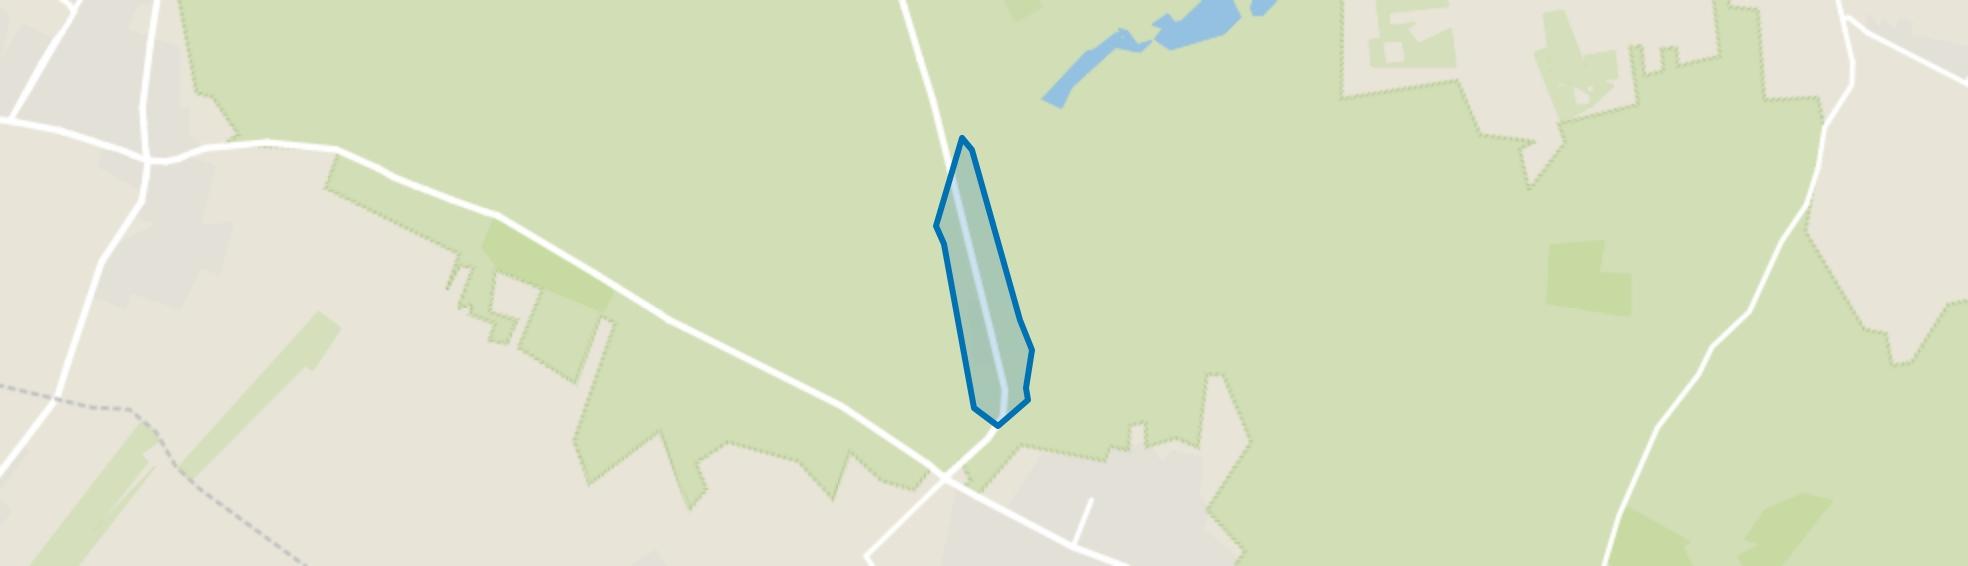 Breedeveen, Leersum map